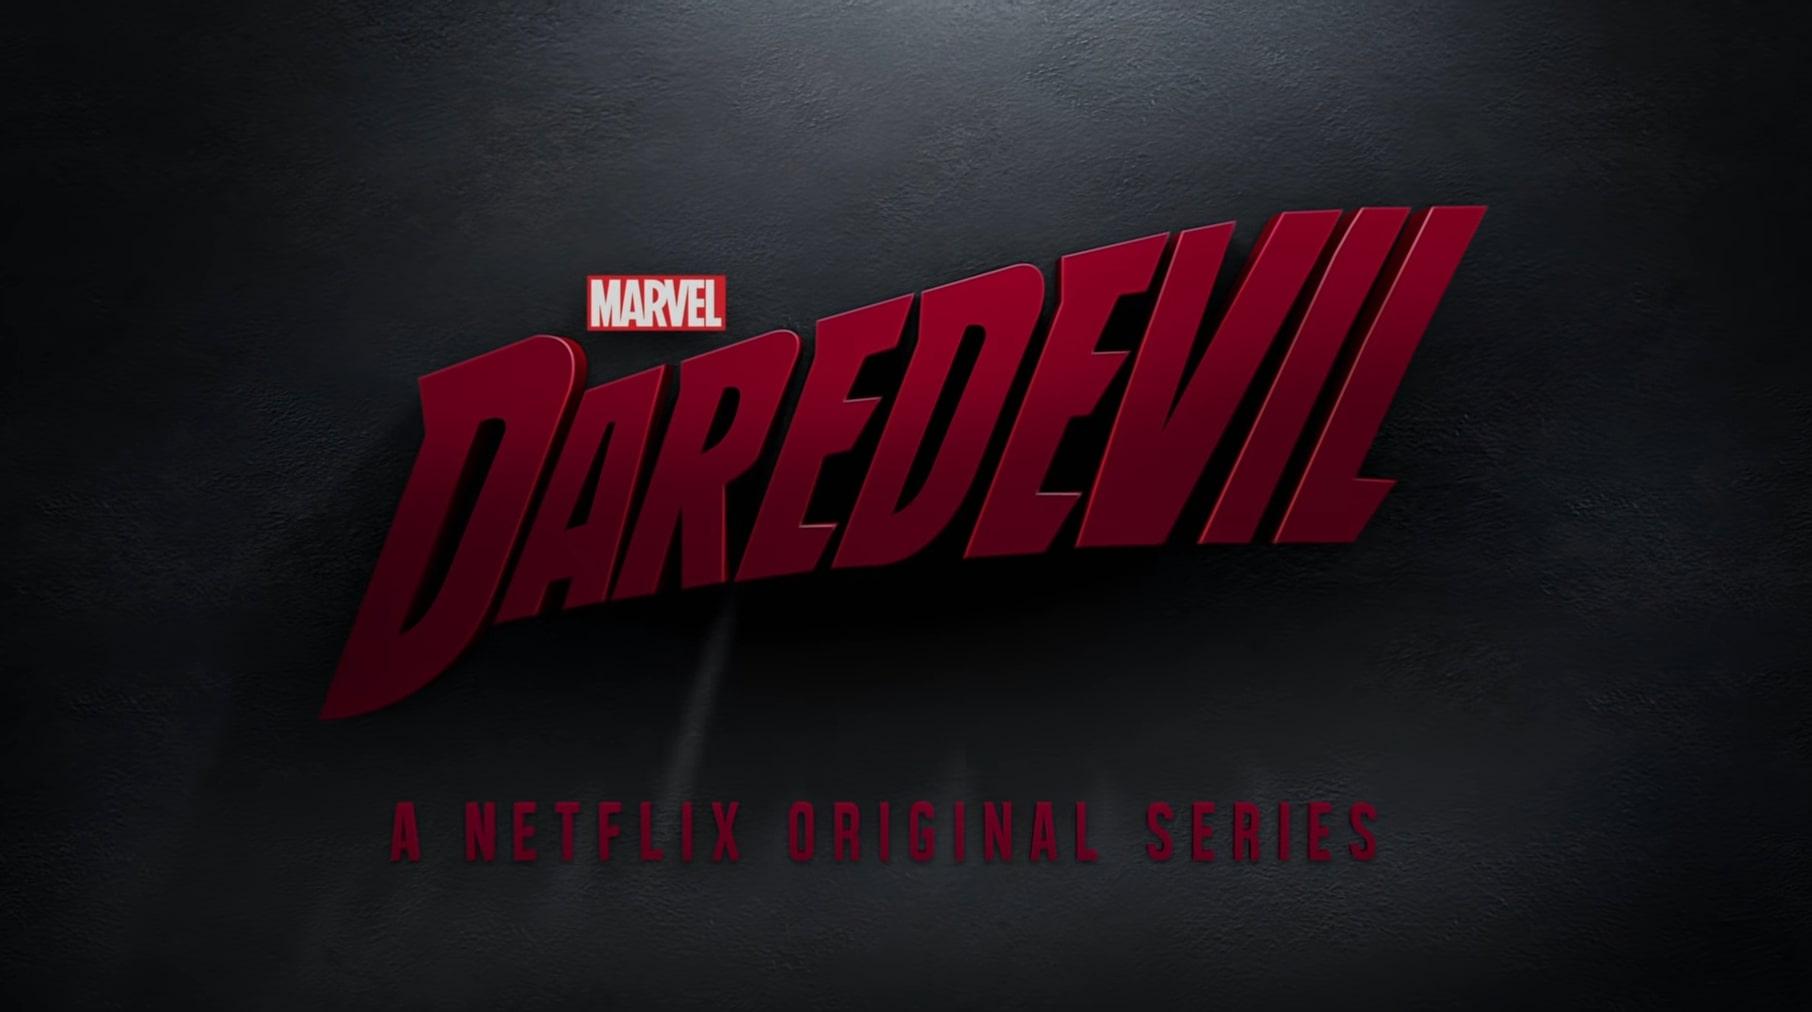 Marvel The Daredevil